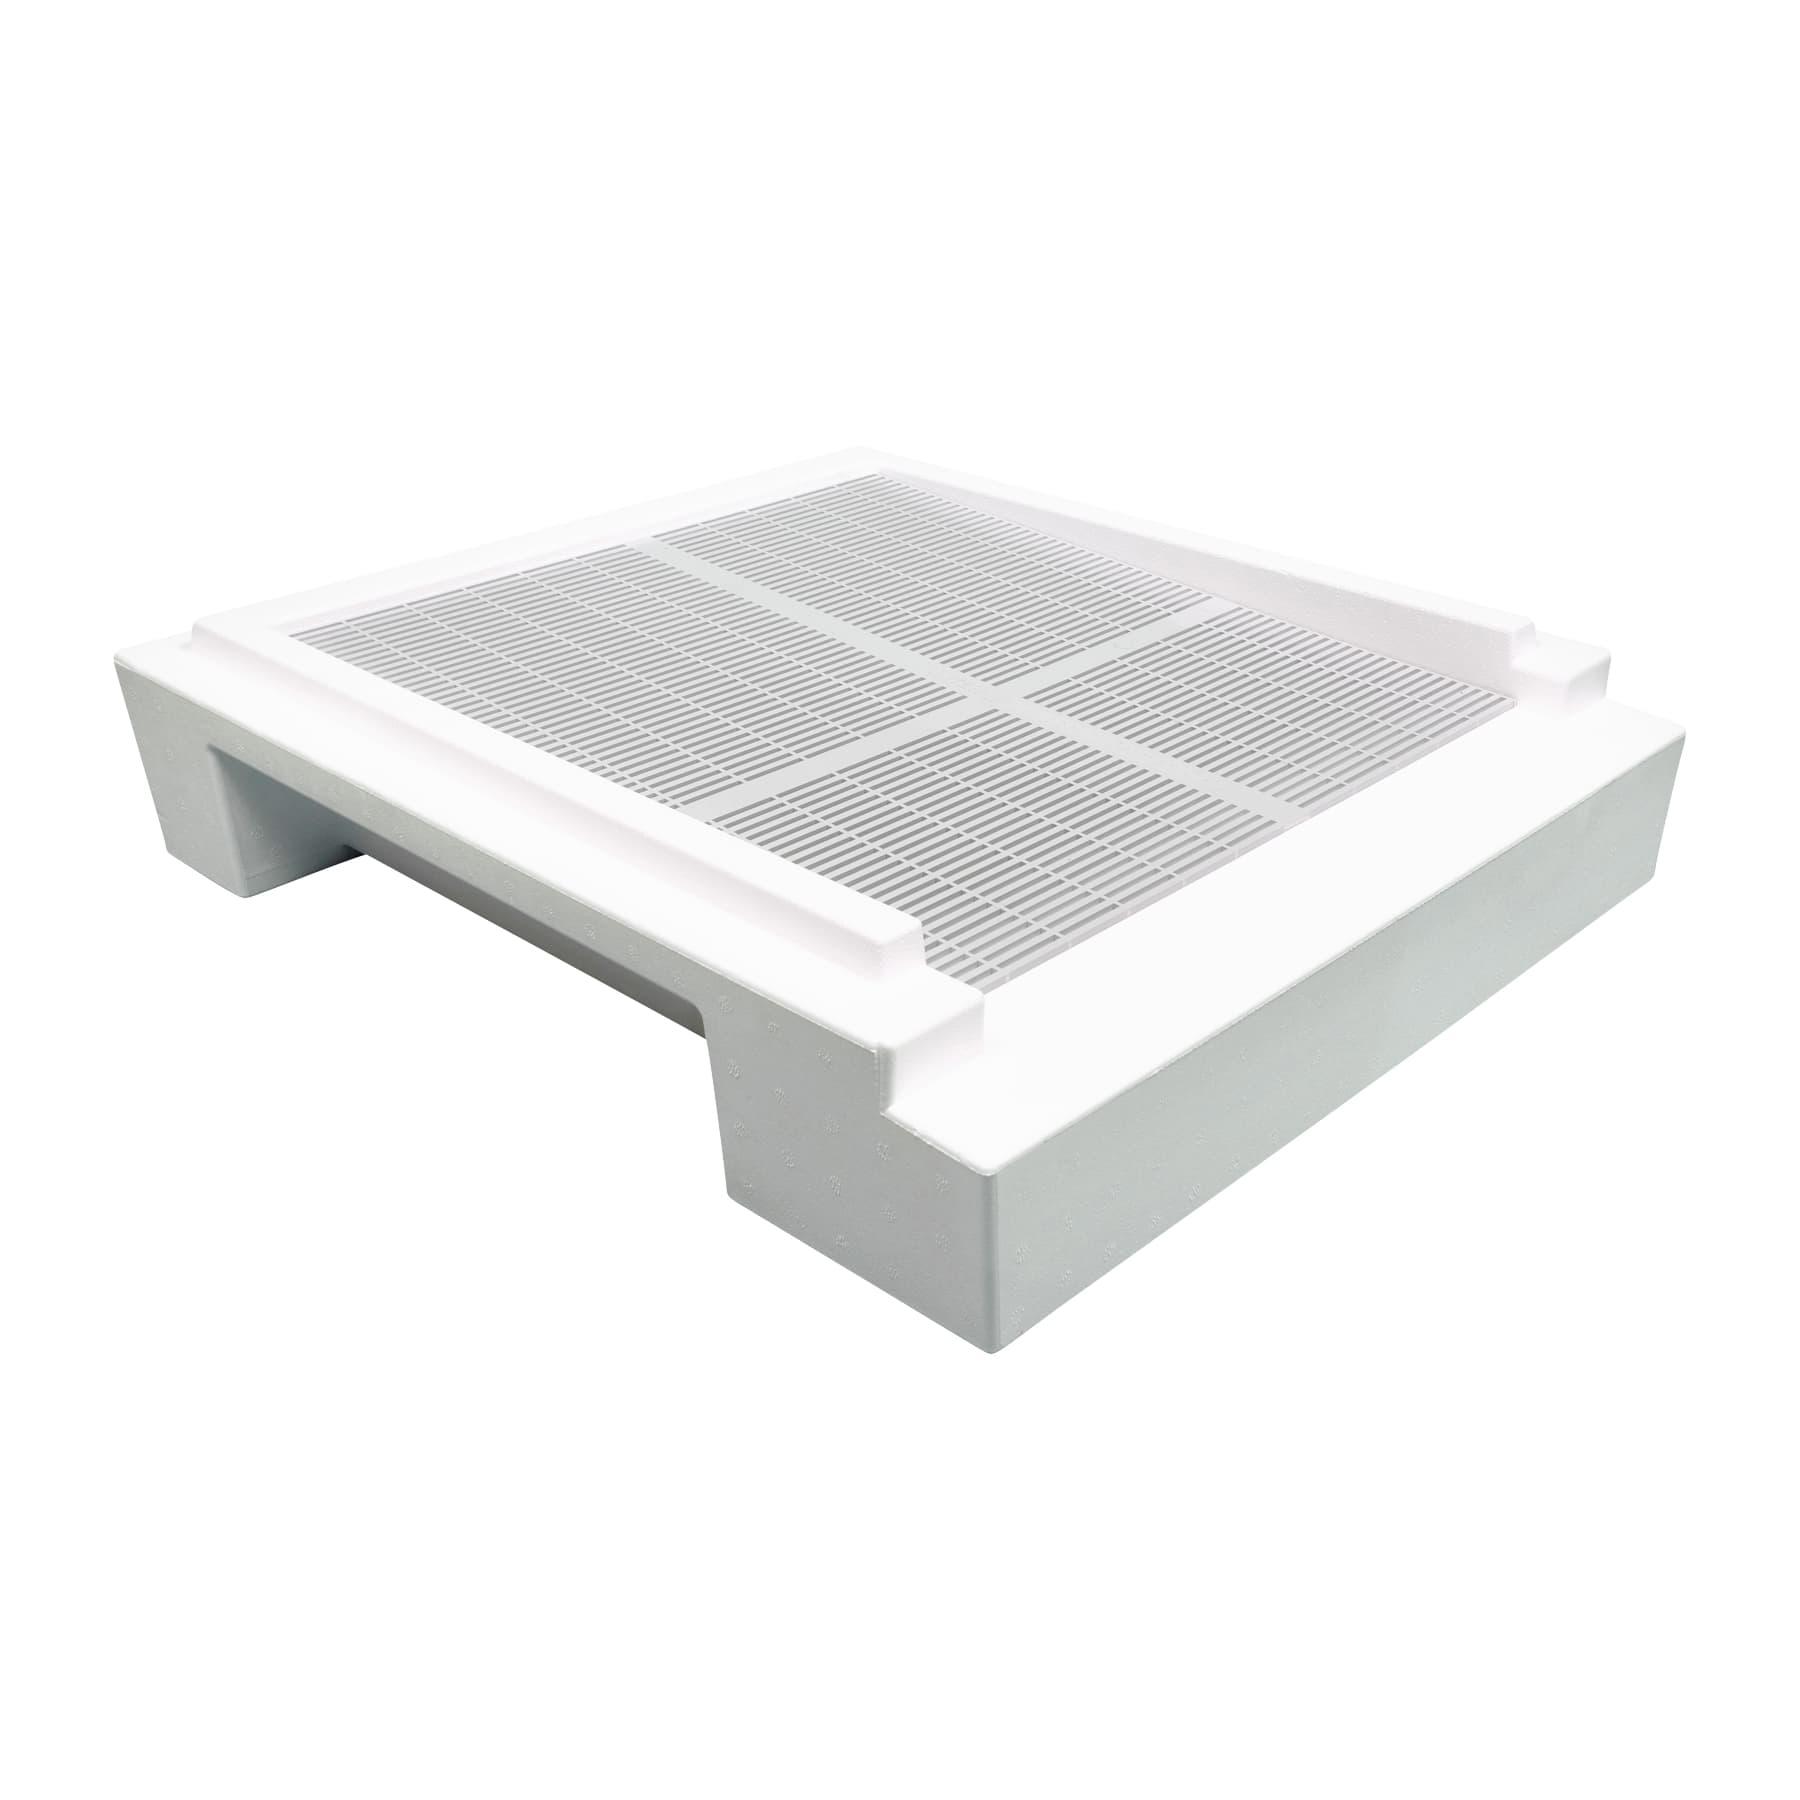 Segeberger Flachboden mit Gitteröffnung und beigelegtem Kunststoffgitter  neue Ausführung